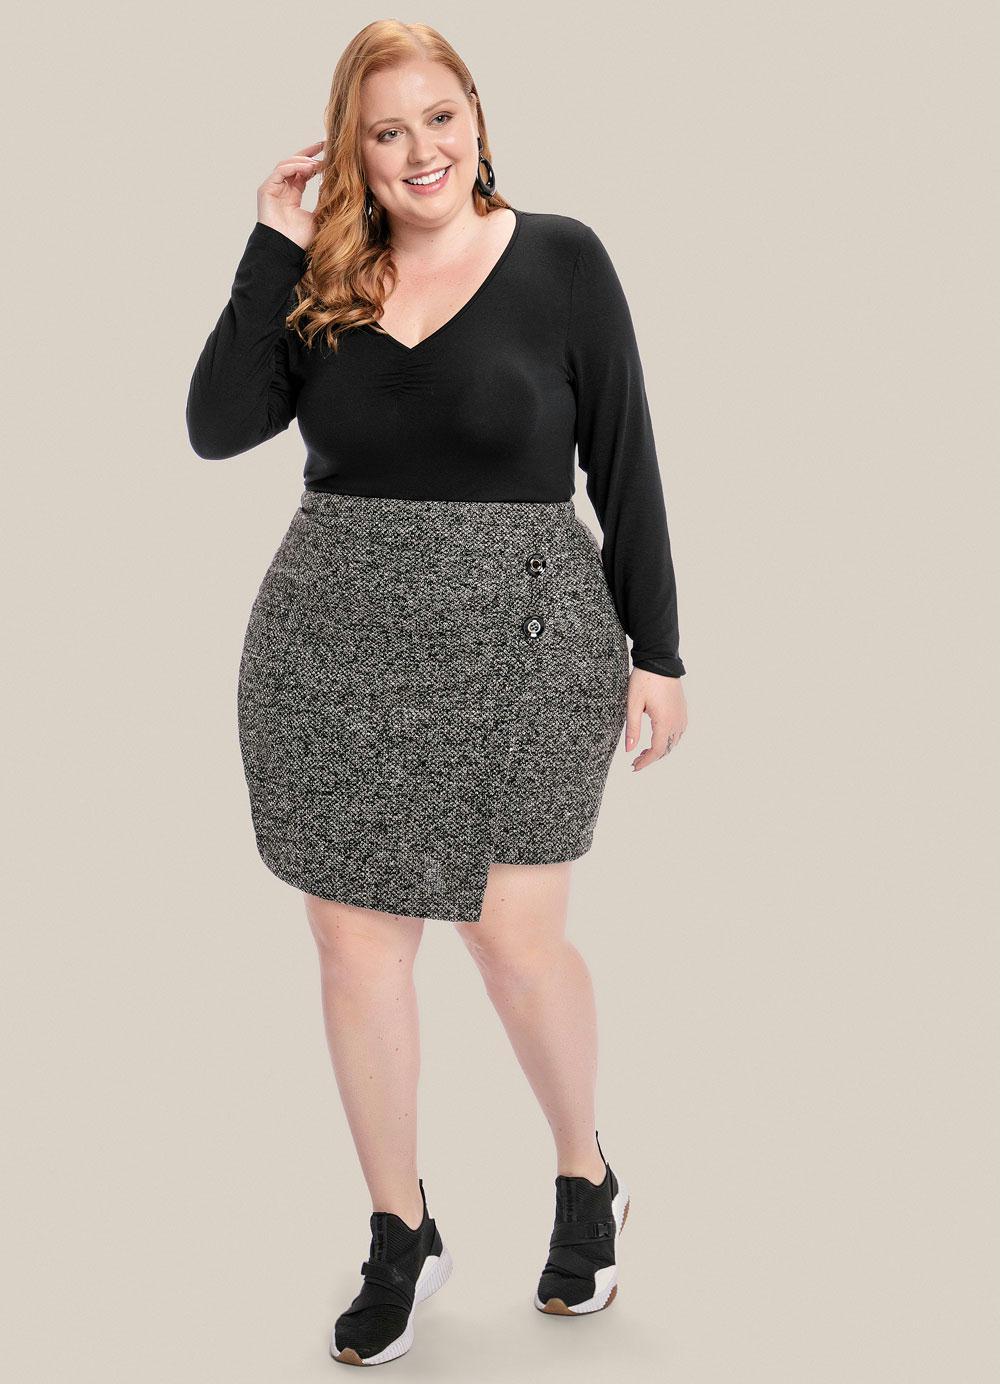 1612587905 458 155 looks con falda de varios estilos para conseguir el - 155 looks con falda de varios estilos para conseguir el look perfecto